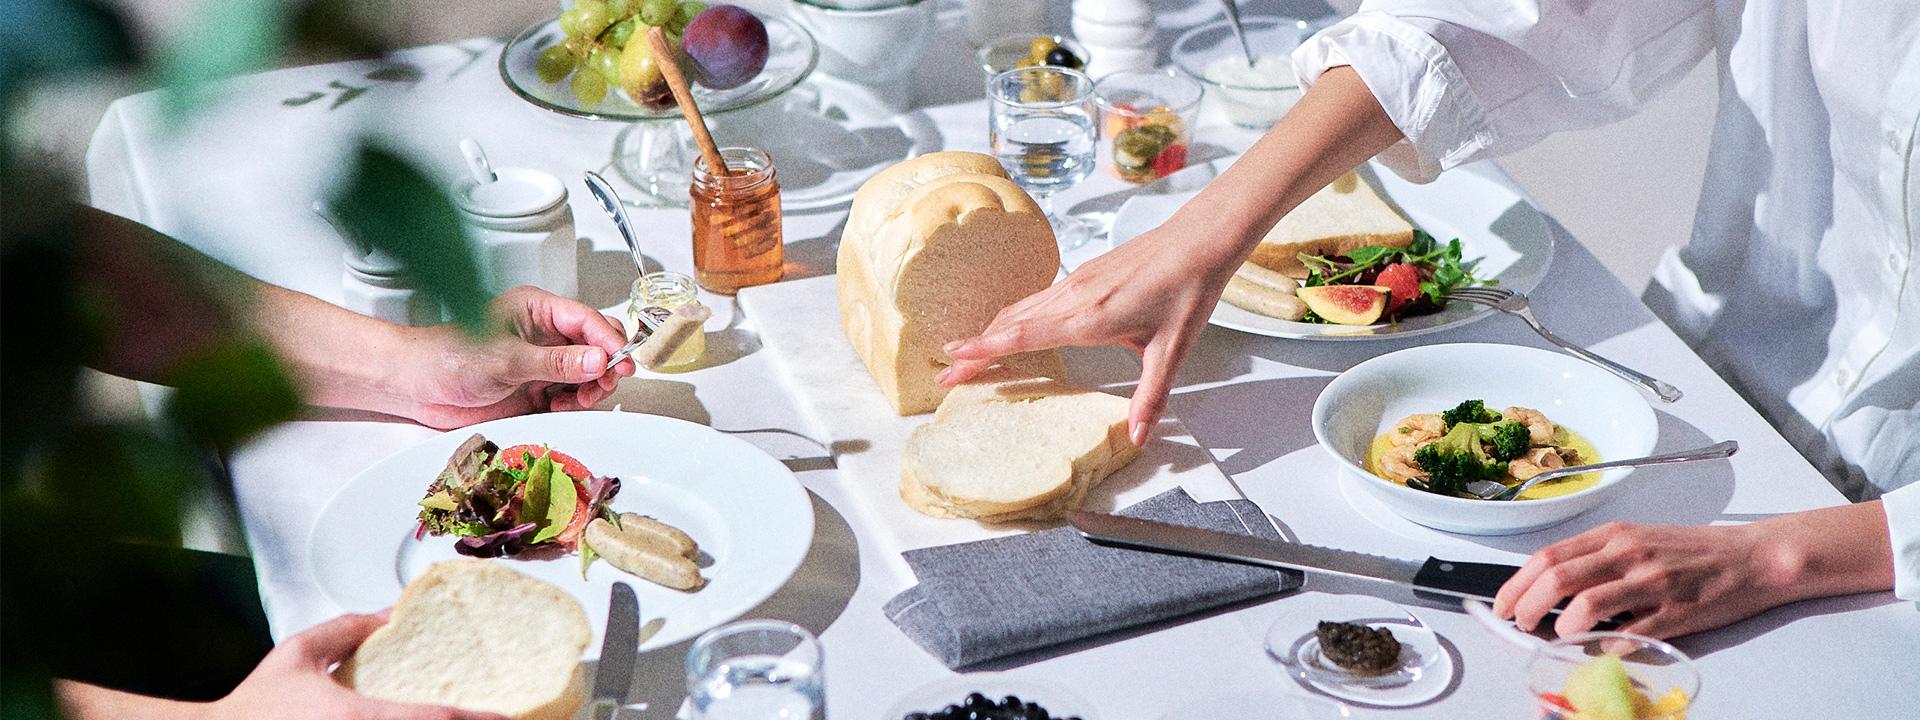 恵比寿のスチパン もっちり&しっとりスチーム食パン